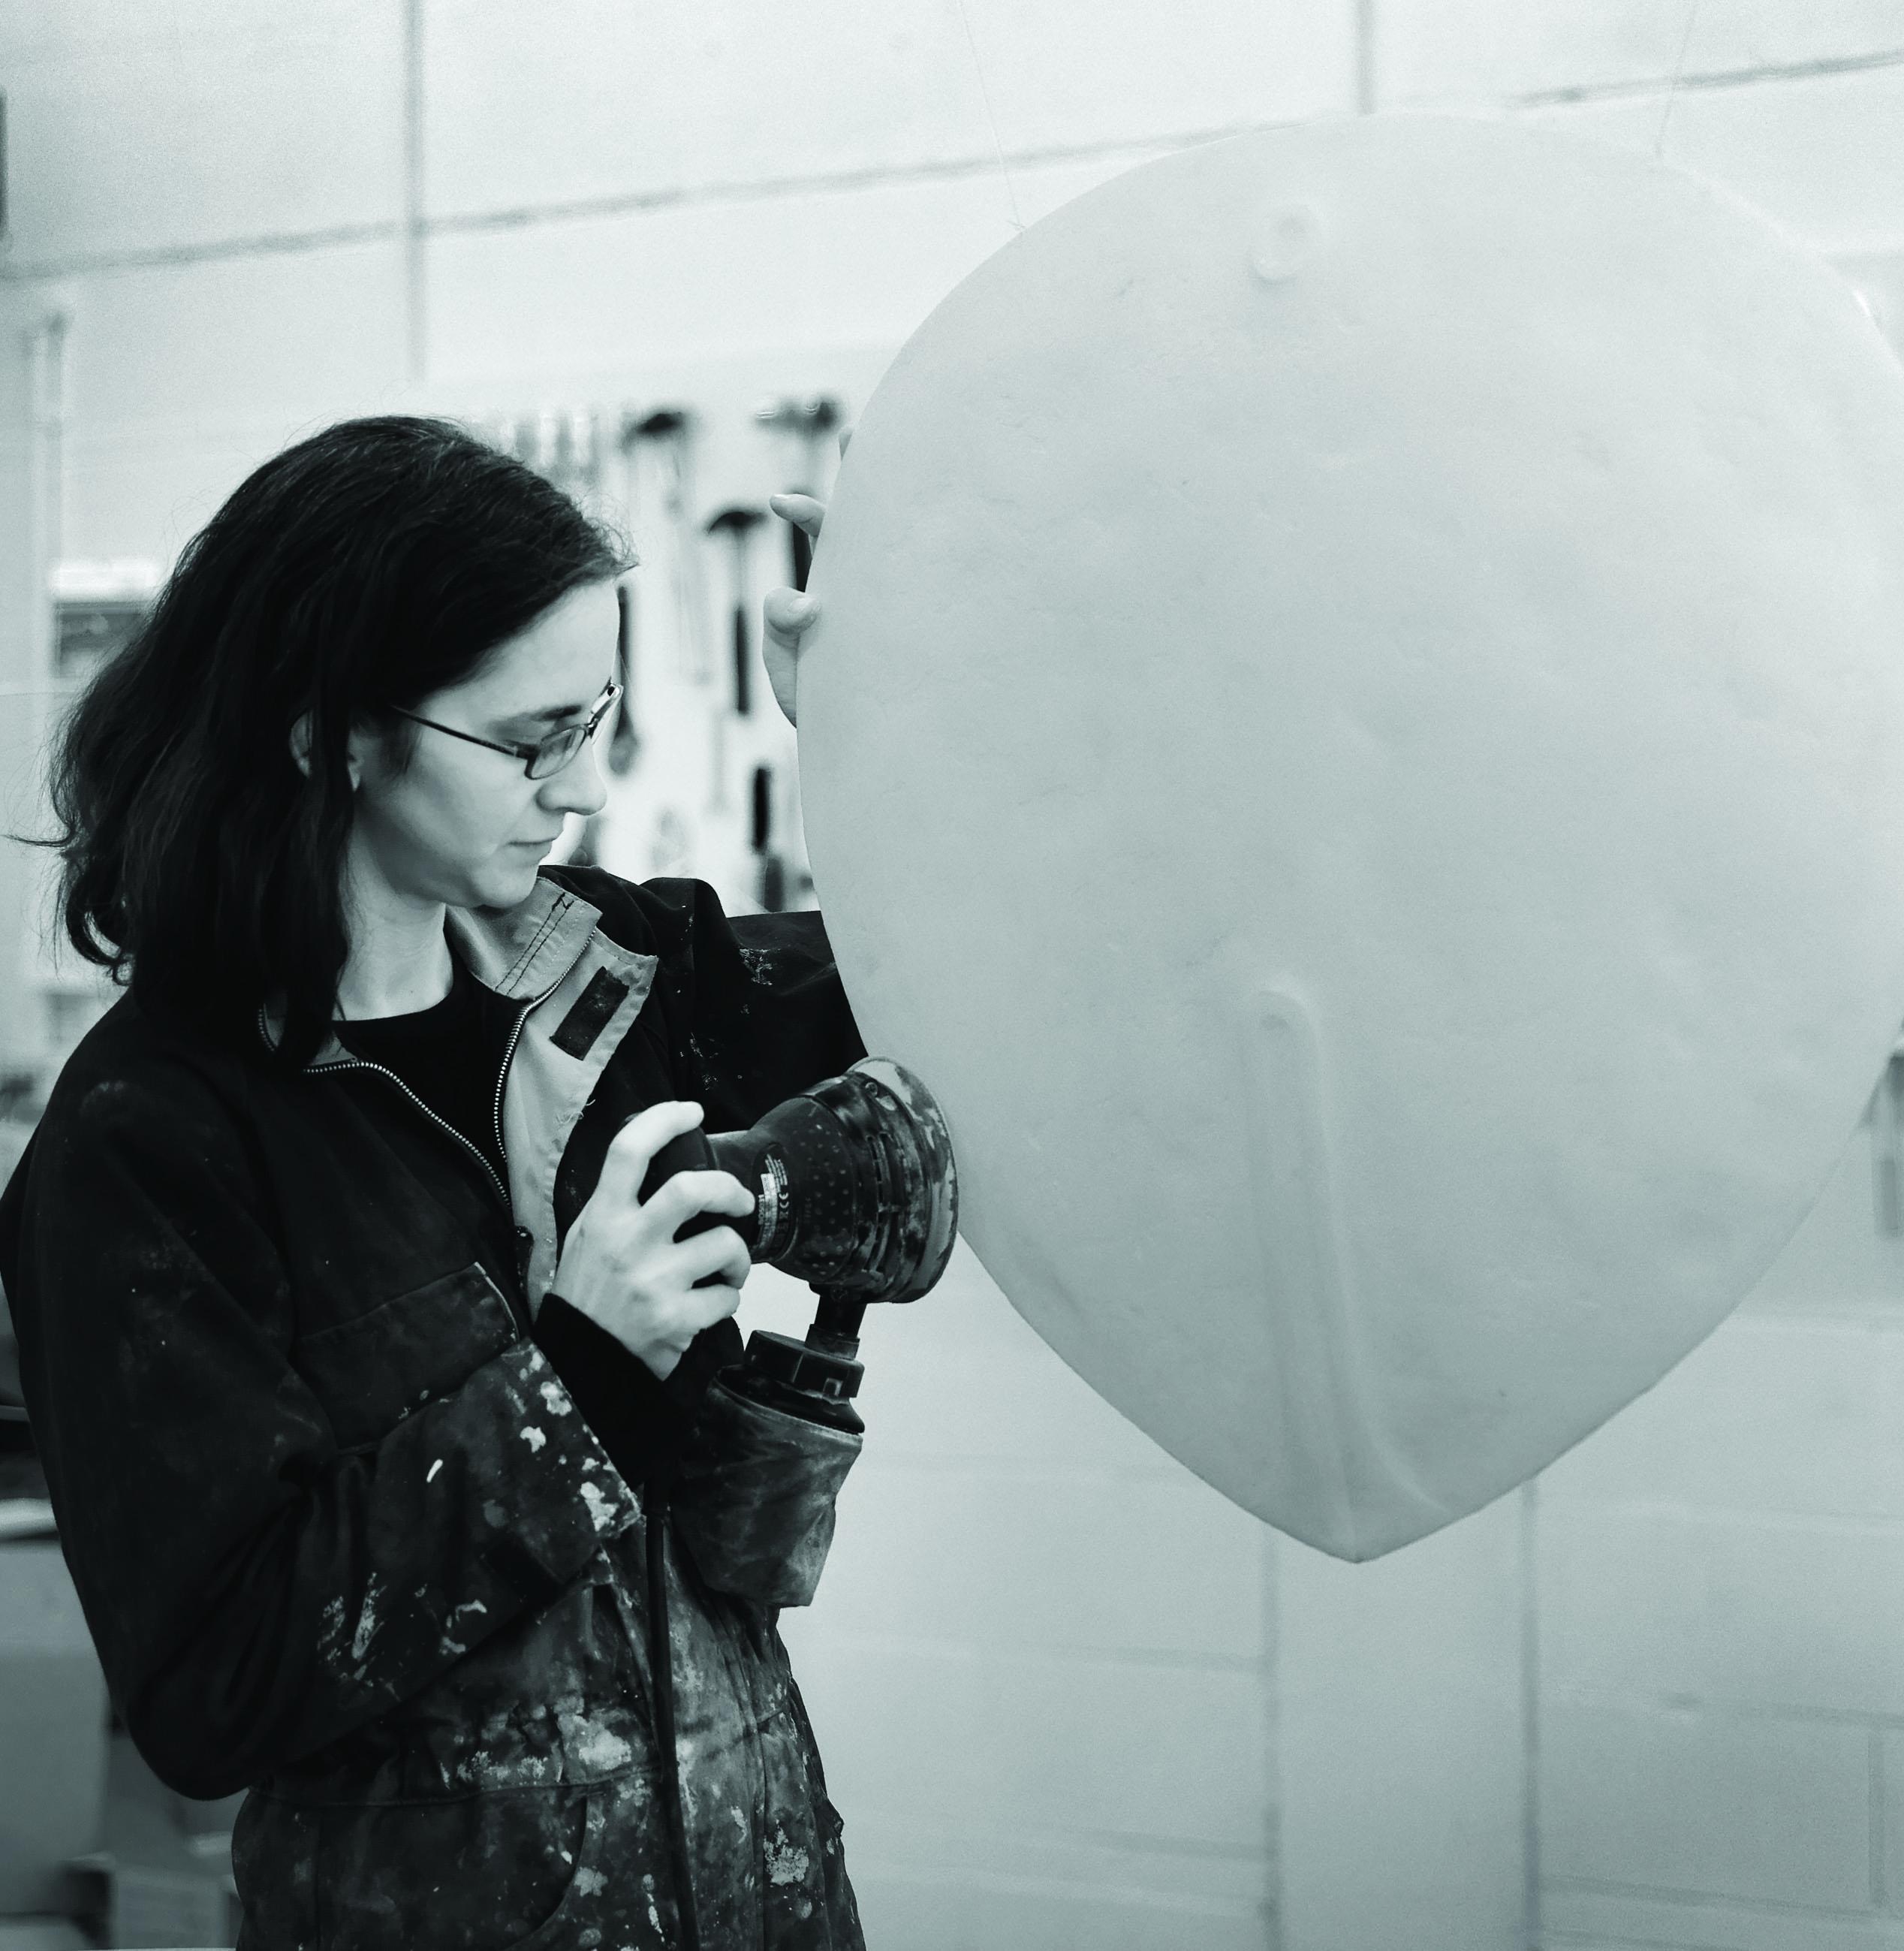 Sculptor Briony Marshall